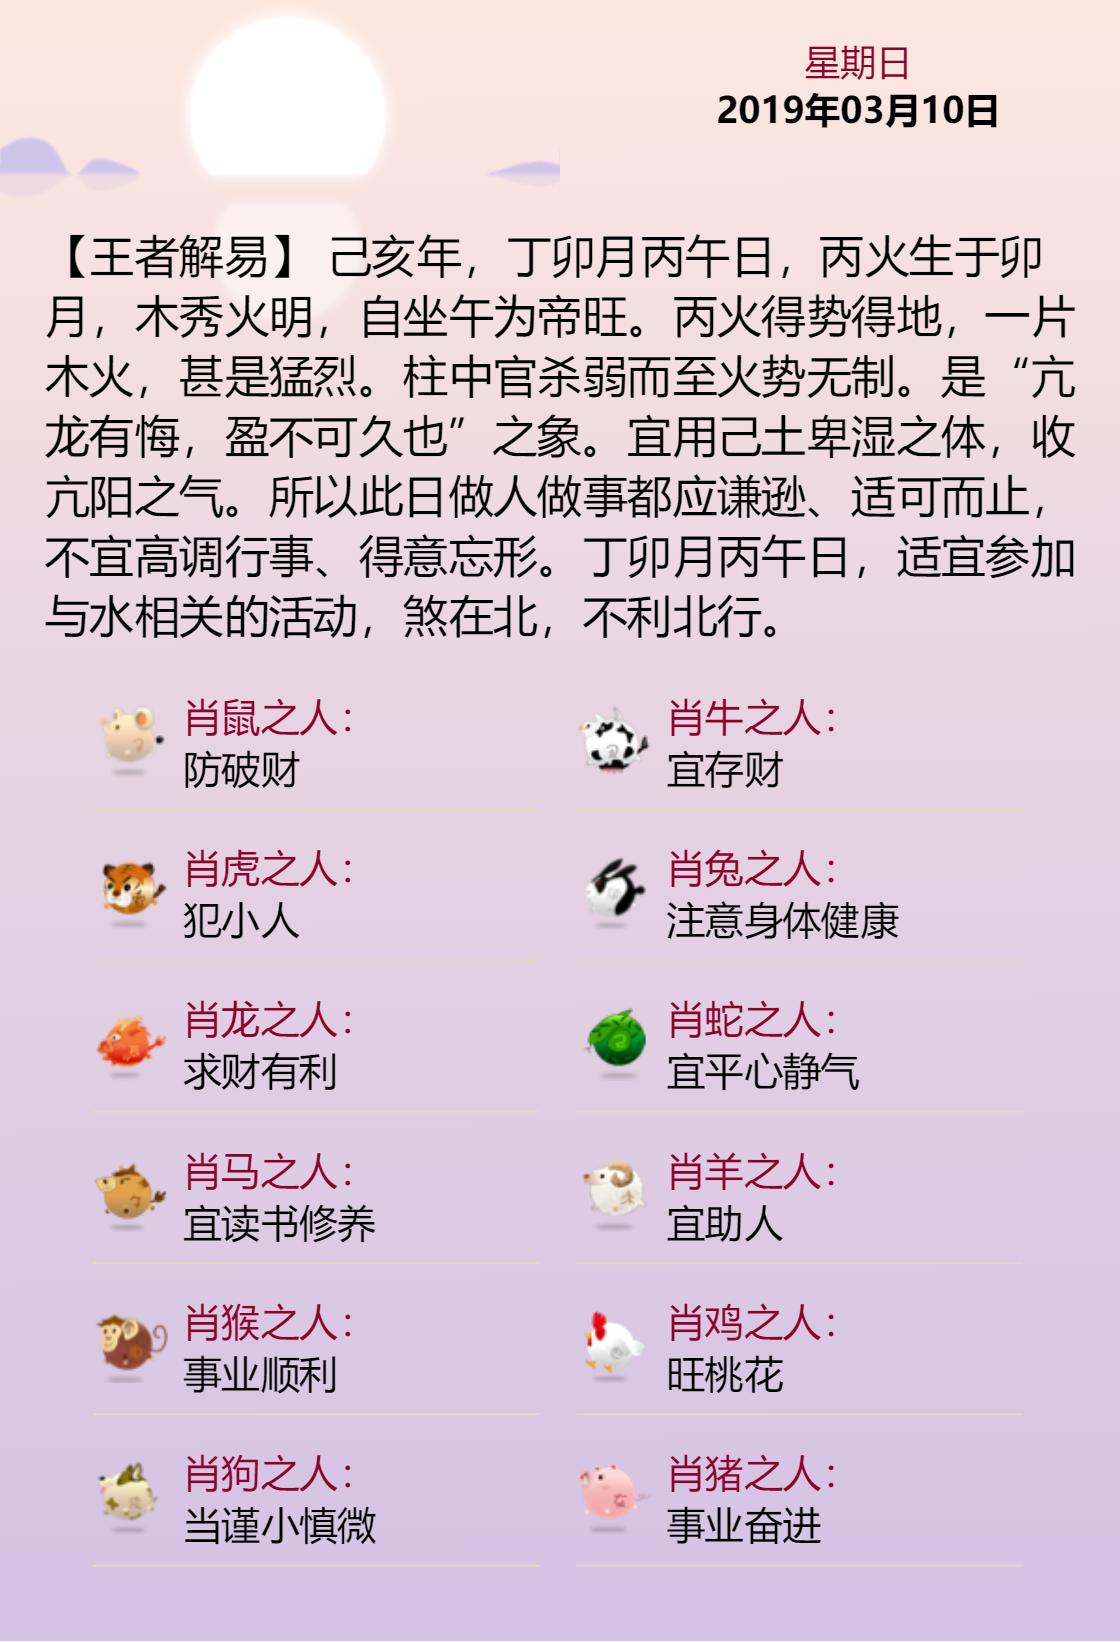 黄历海报20190310.png